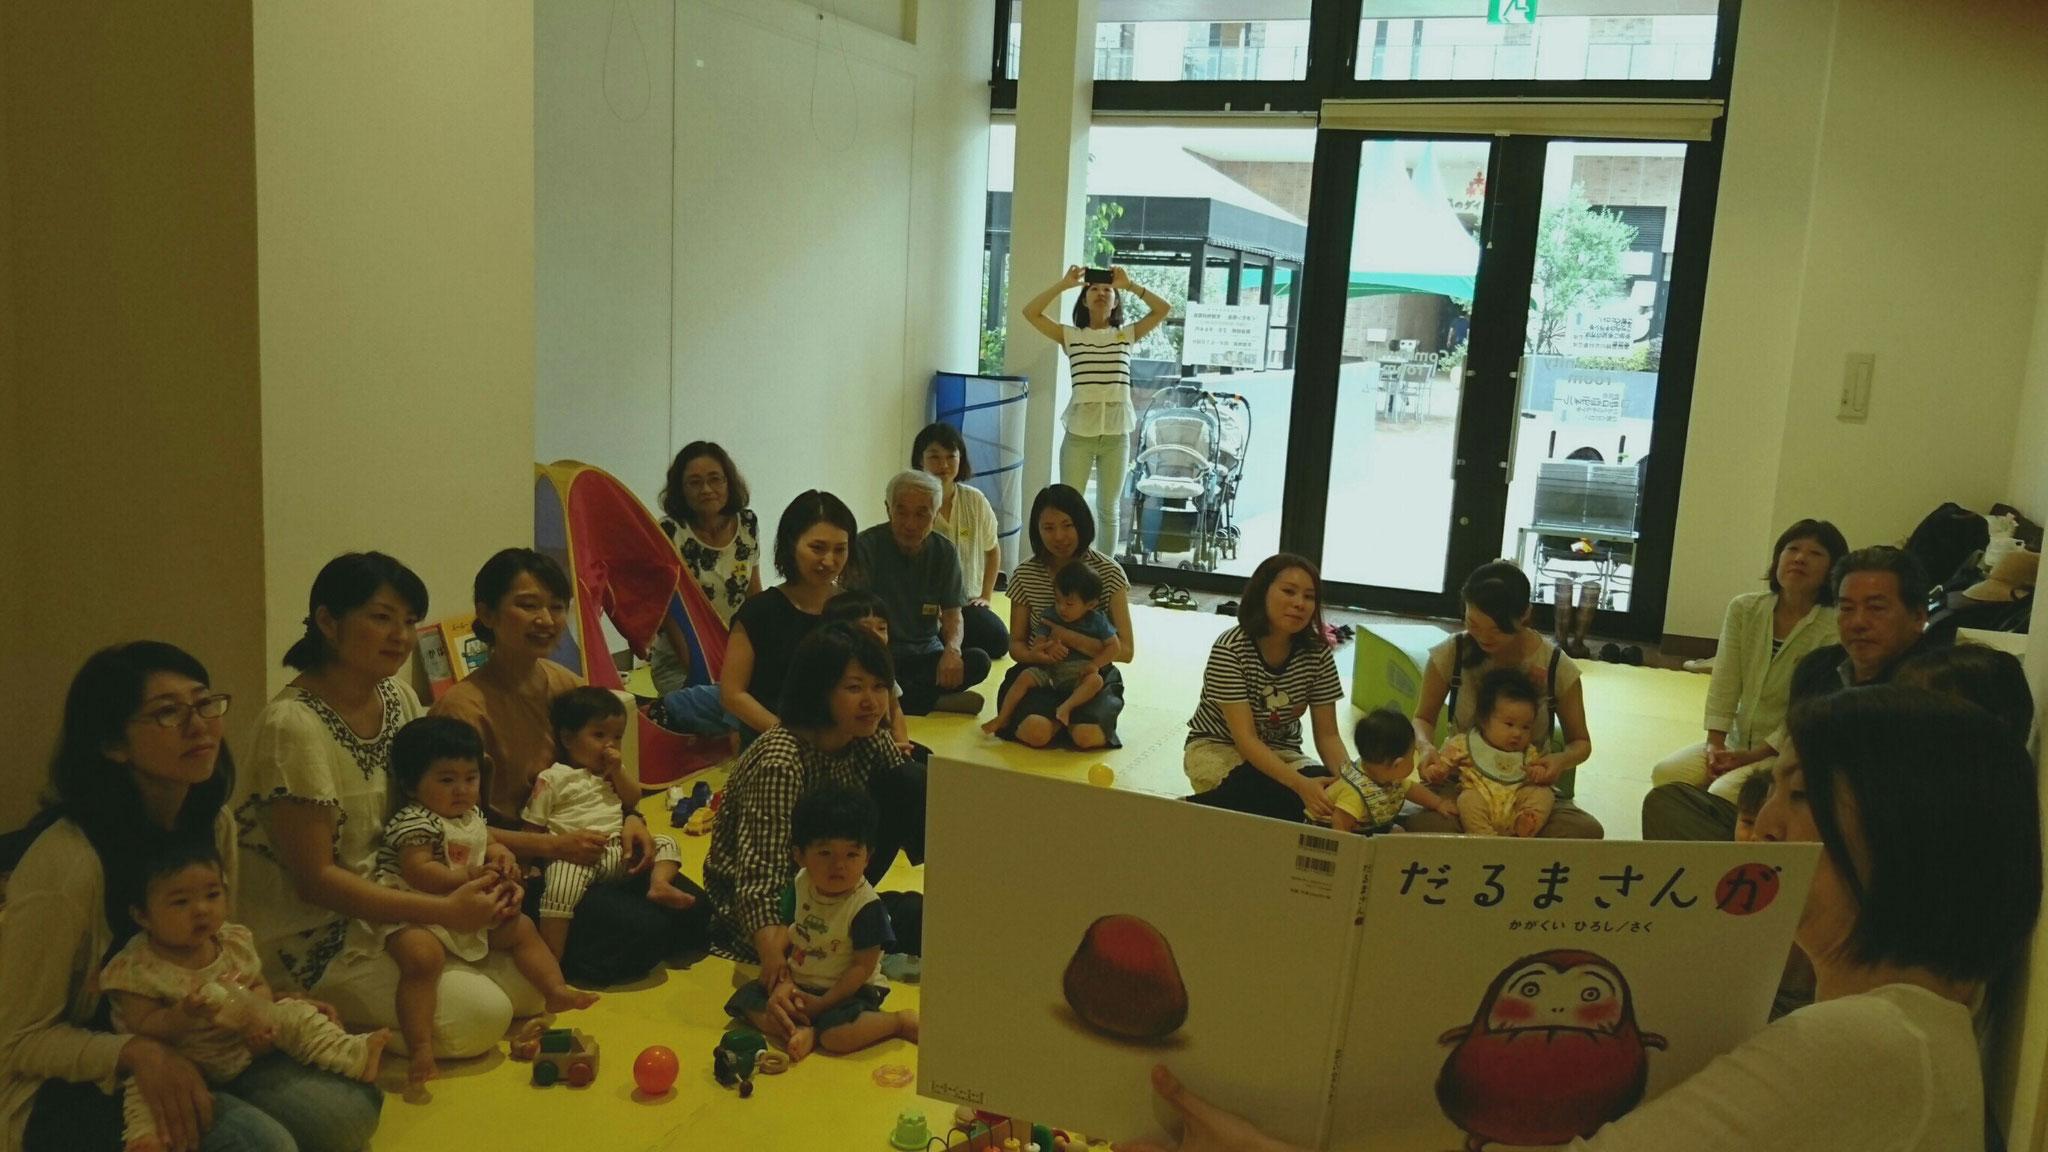 最後はみんなで手遊びや絵本を楽しみました(^^)